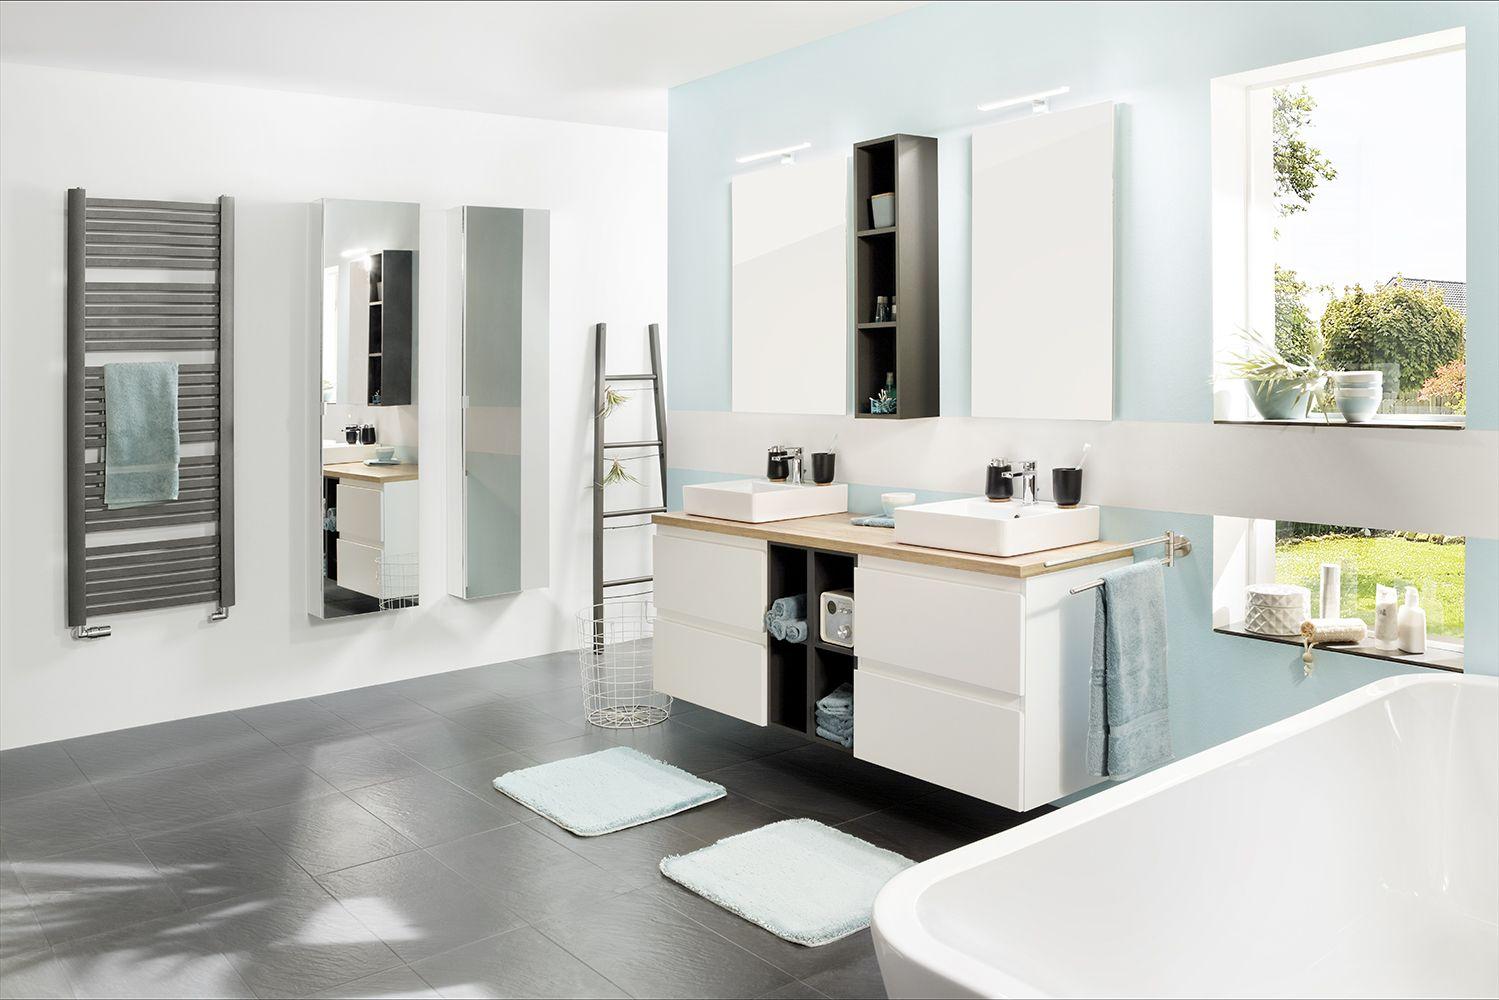 Studio3001 Fotografie Werbefotografie Interieur Badezimmer Bad Doppelwaschtisch Badmobel Pastellblau Babyblau Interieur Pastellblau Doppelwaschtisch